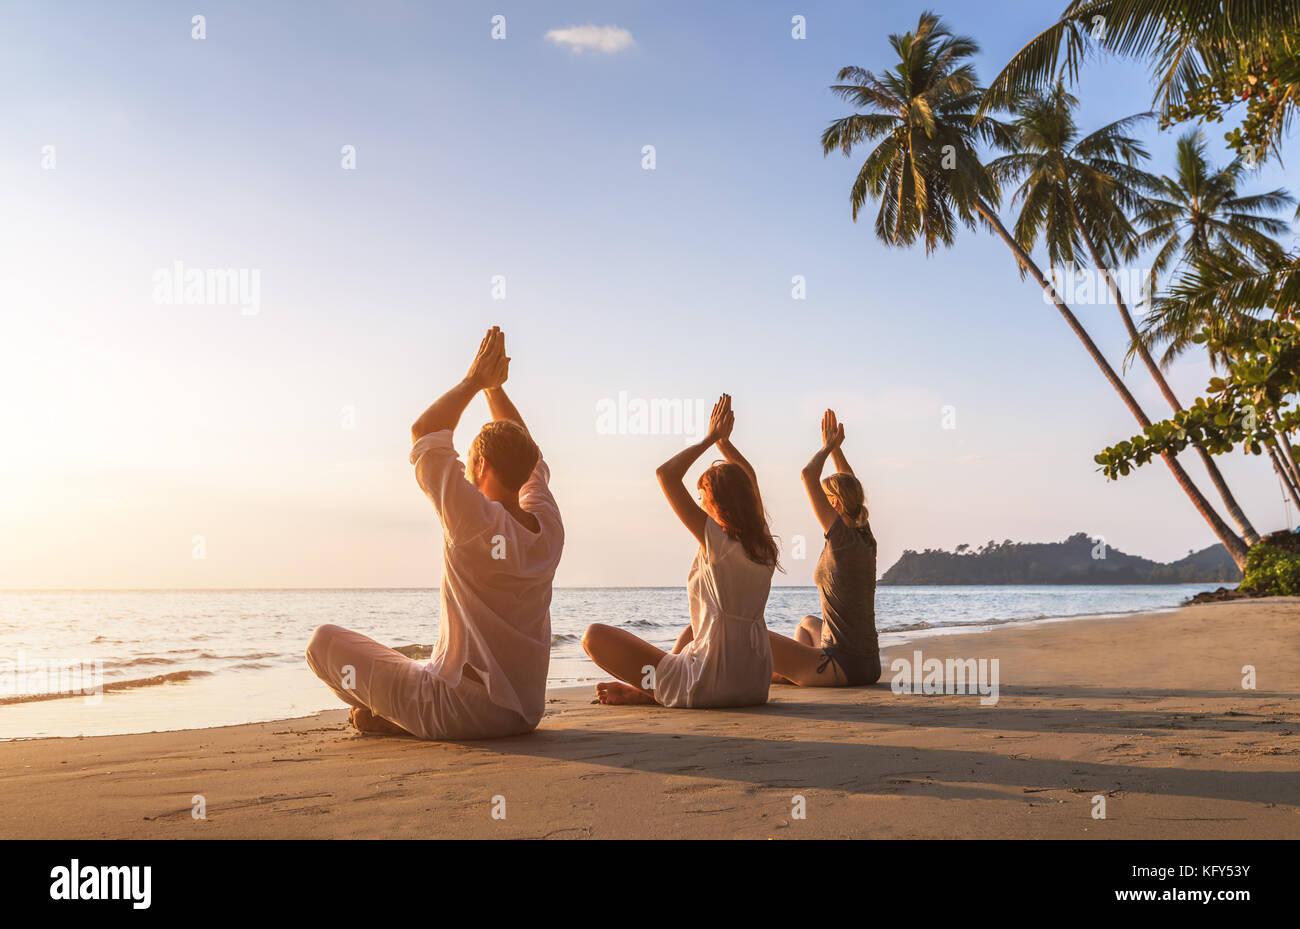 Eine Gruppe von drei Personen üben Yoga lotus Position am Strand für Entspannung und Wohlbefinden, warmen Stockbild